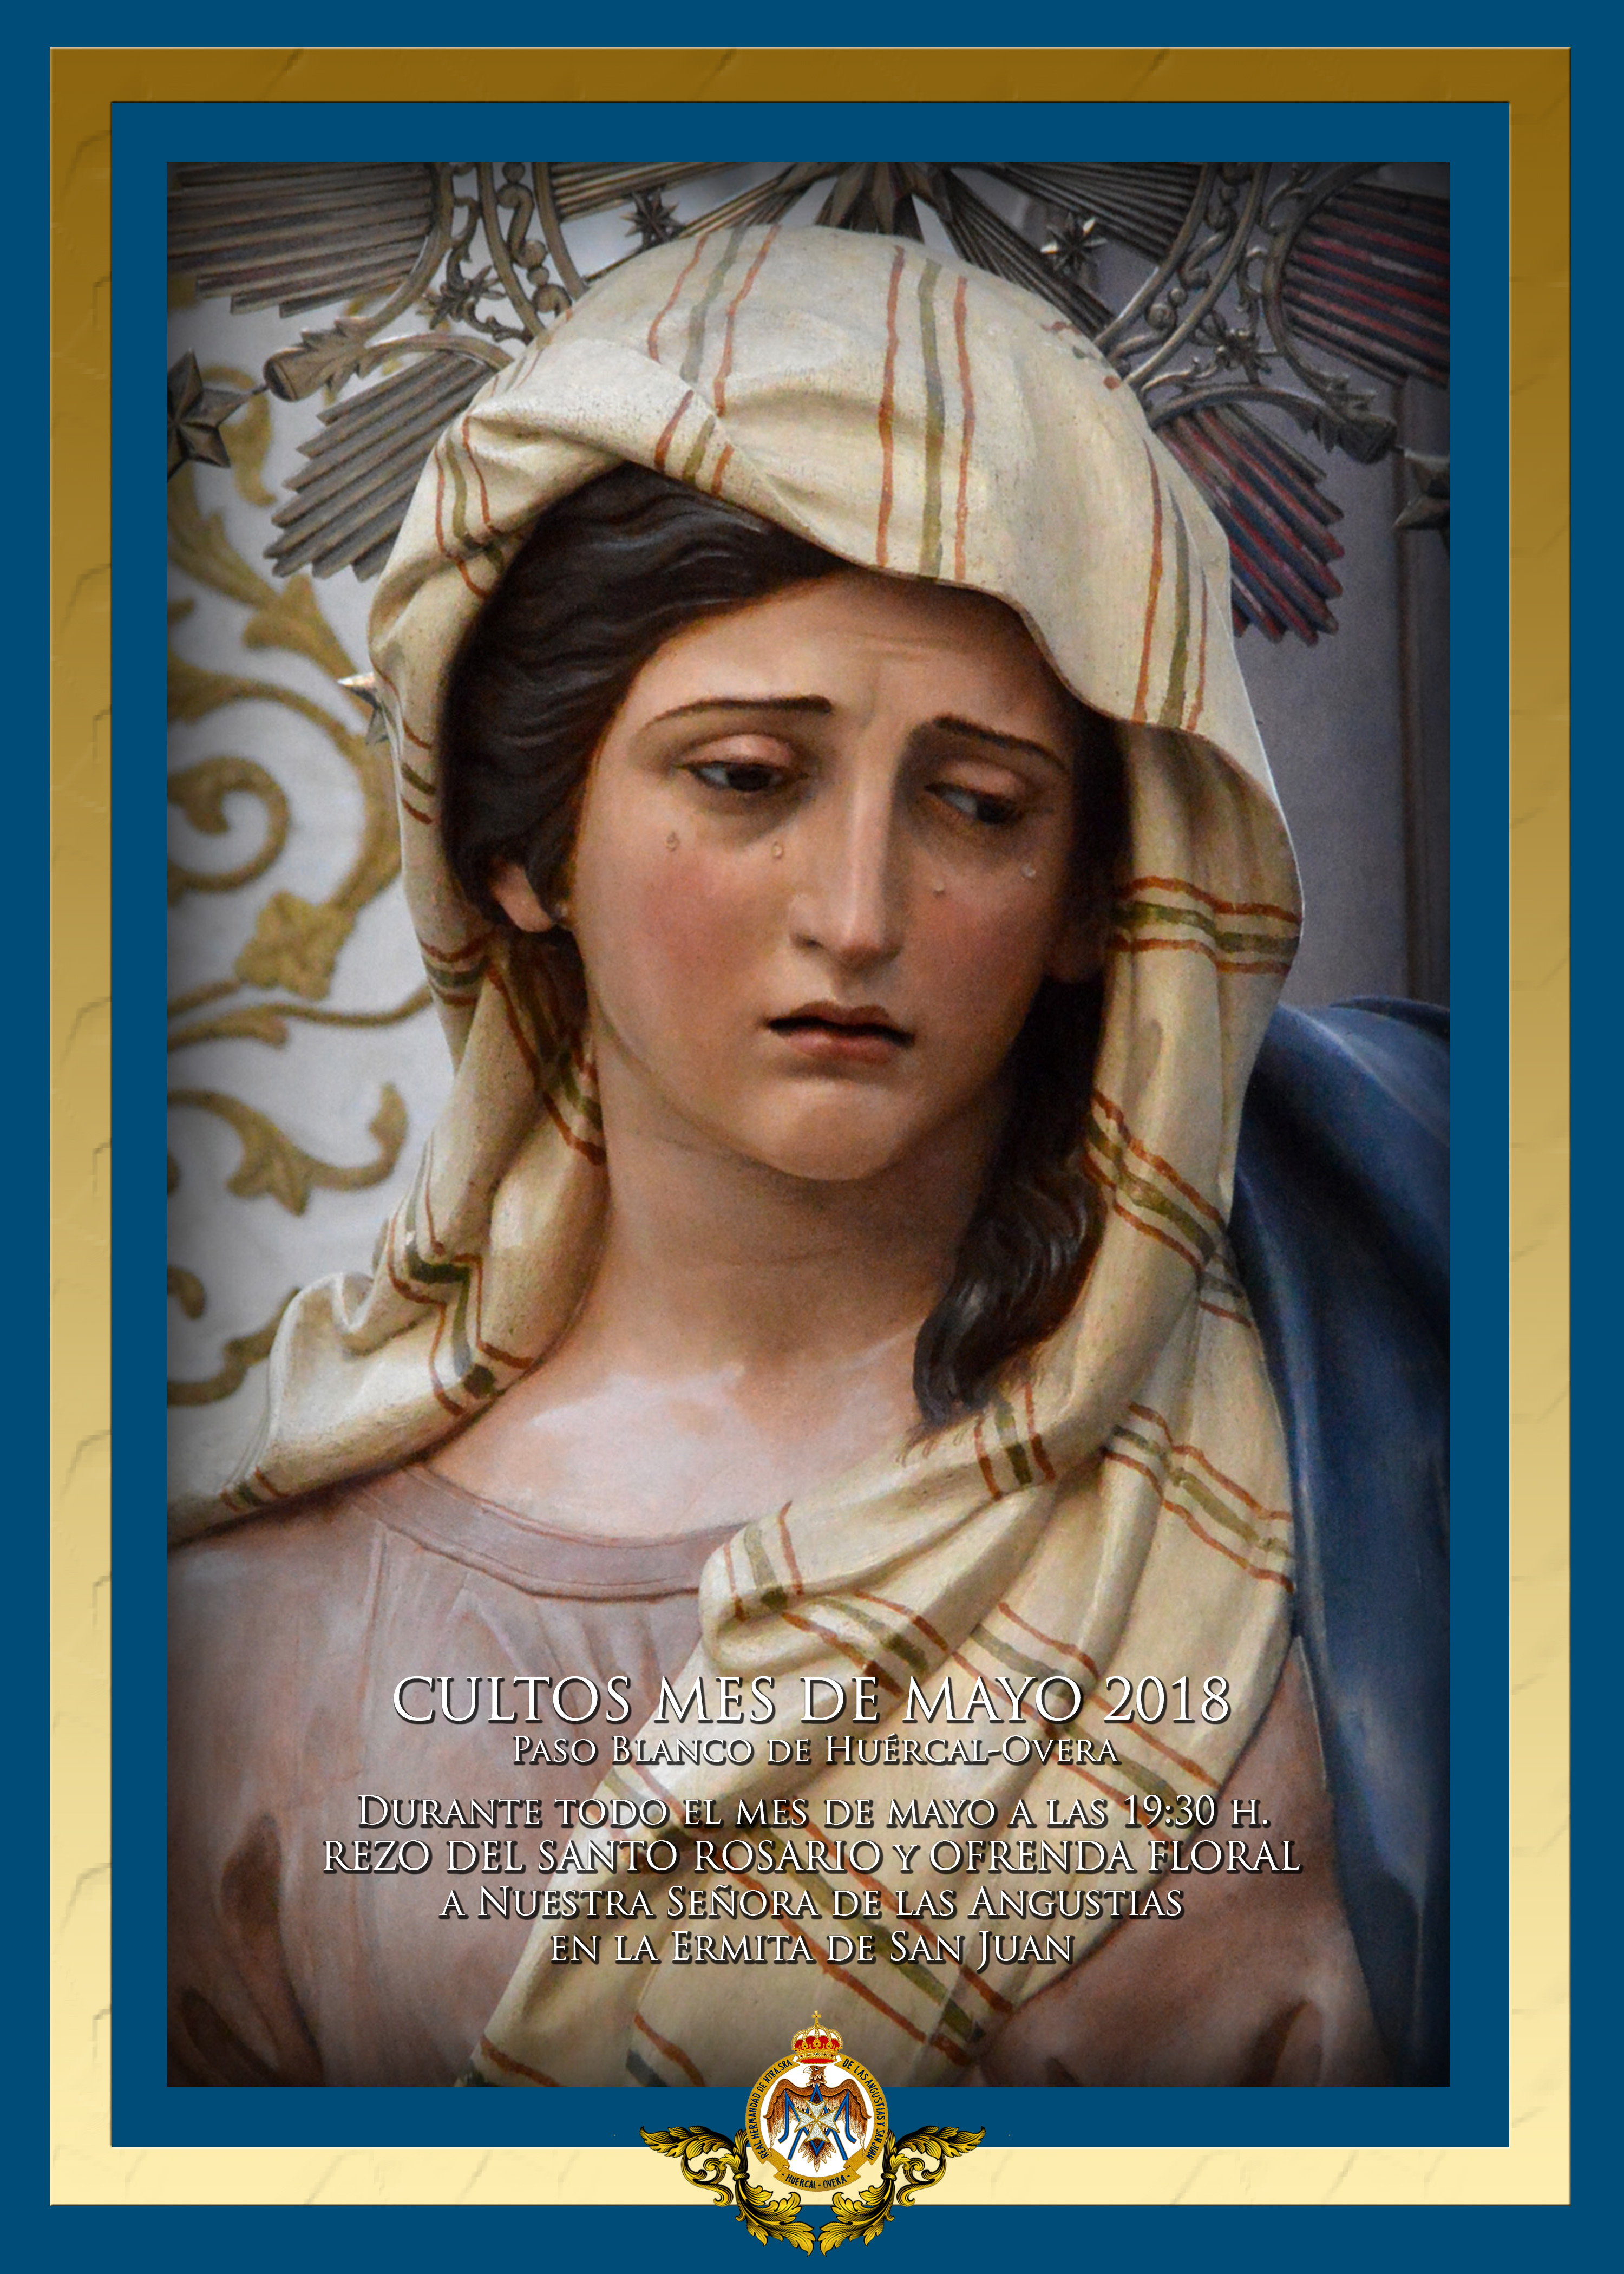 Cultos mes de mayo en honor a Nuestra Señora de las Angustias